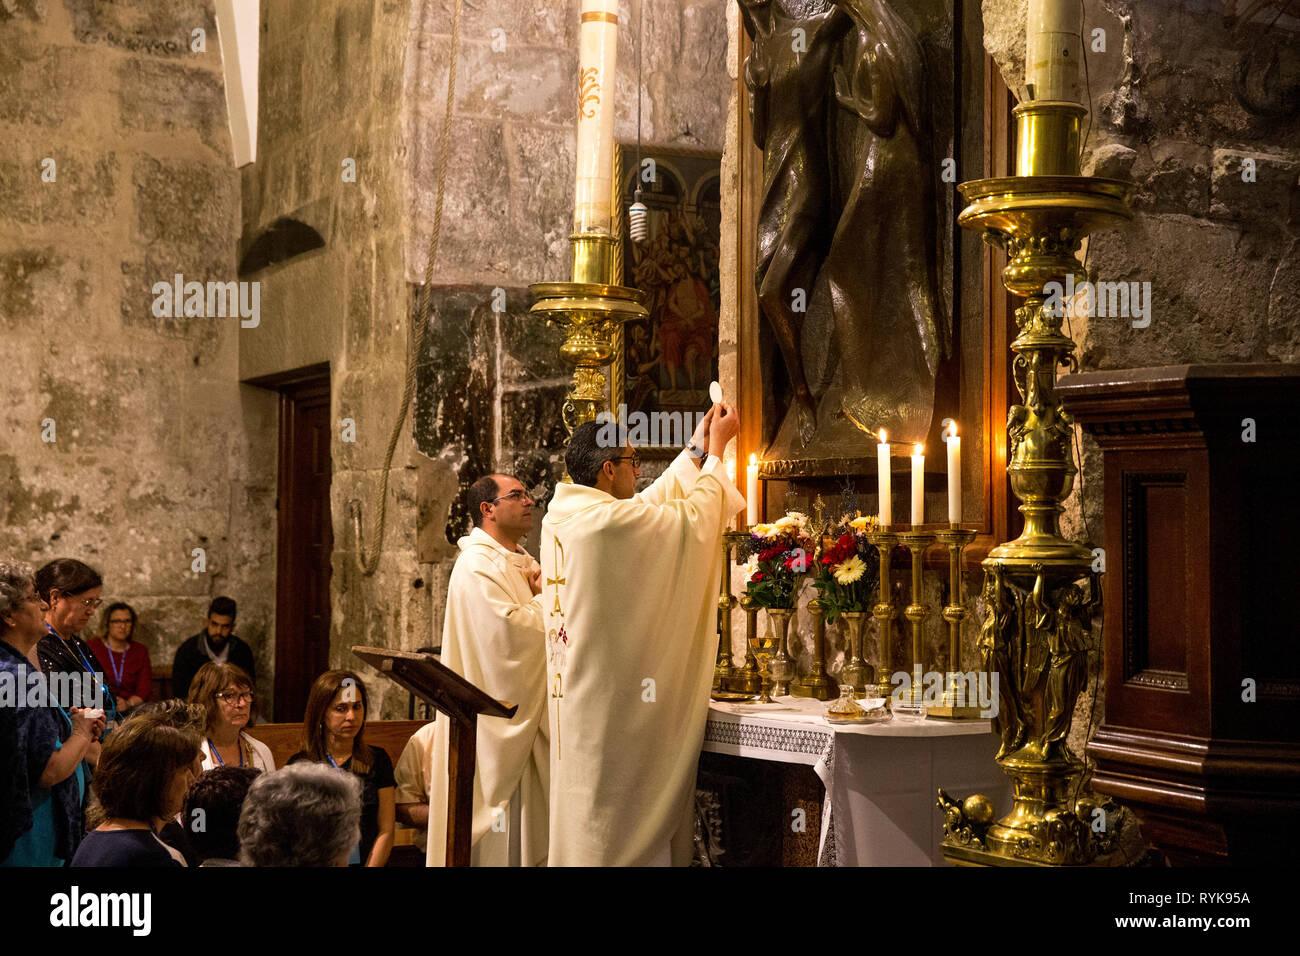 Pèlerins catholiques adorant au Saint Sépulcre, Jérusalem, Israël. Photo Stock